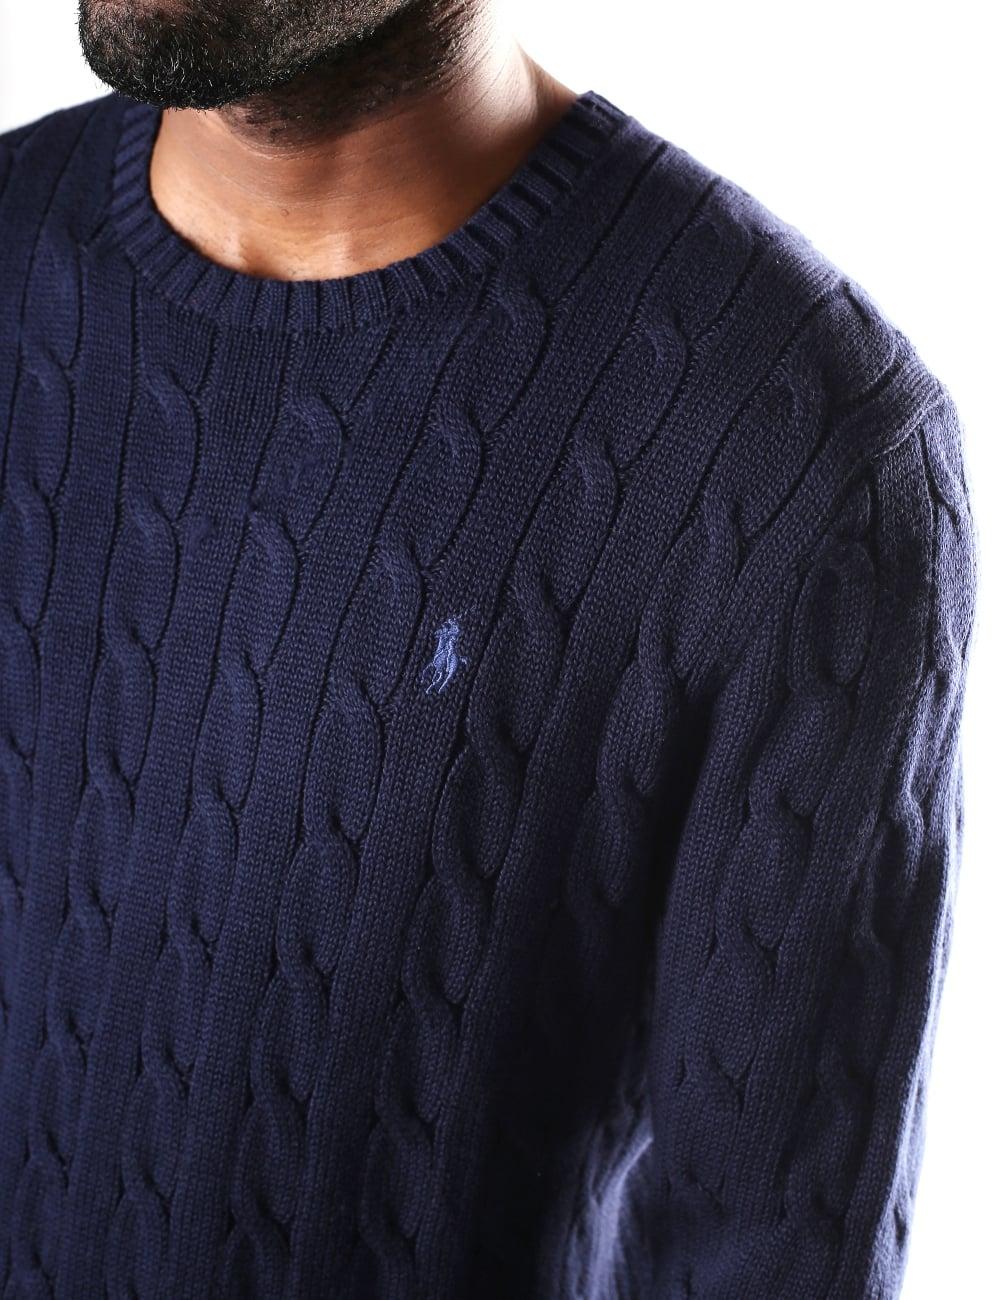 991cb363269 Polo Ralph Lauren Men s Crew Neck Cable Knit Jumper